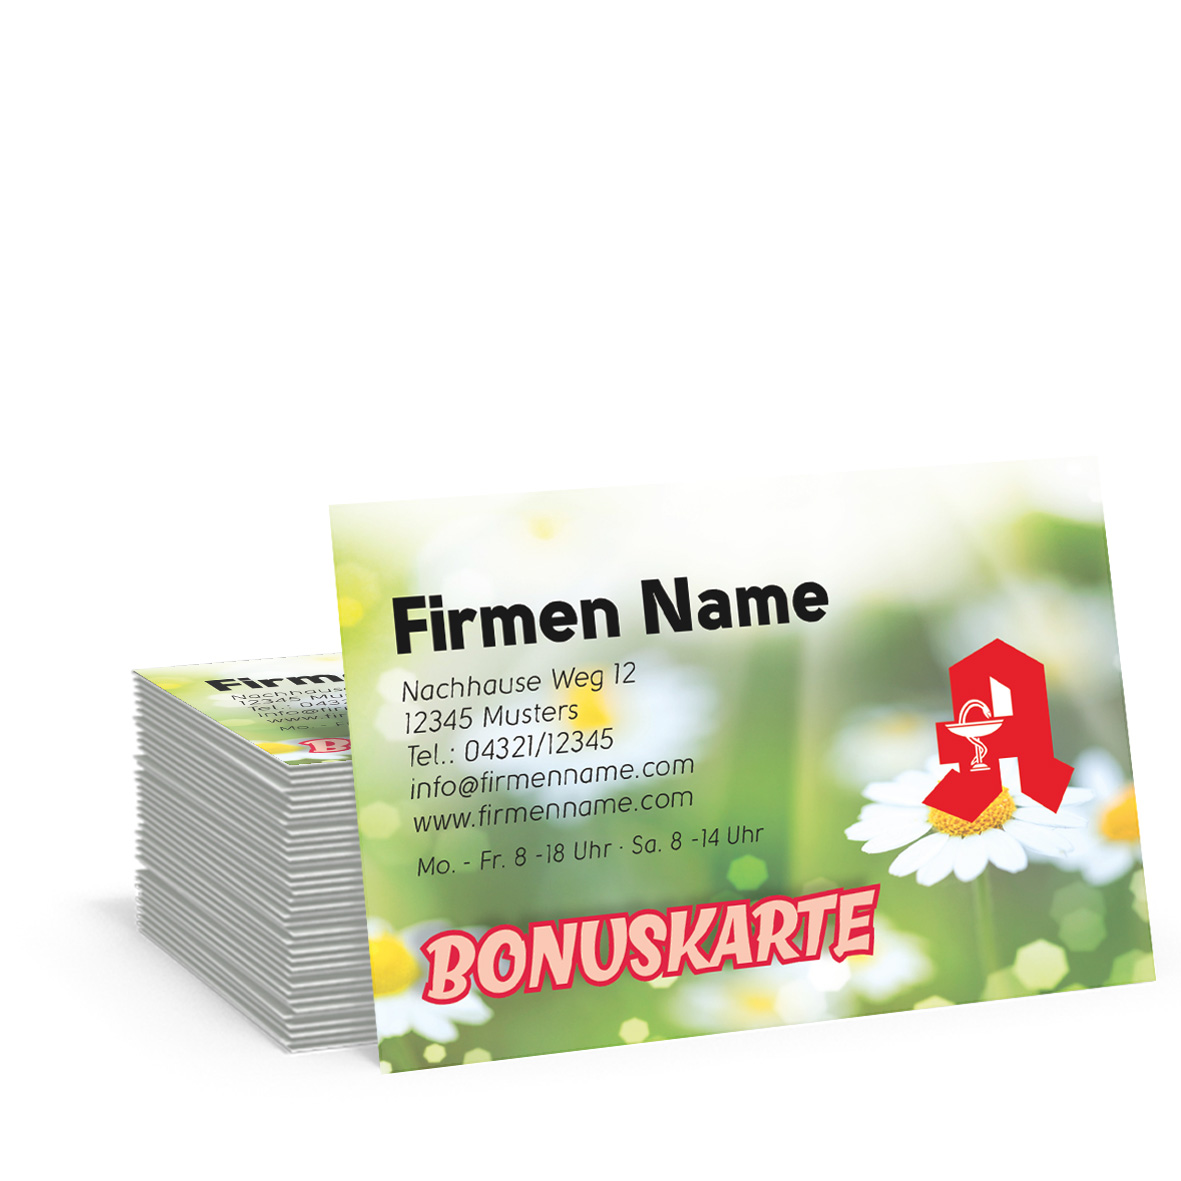 Pythagoras Marketing Gmbh Bonuskarte Mit Bar Qr Code Geschenkgutscheine Visitenkarten Kundenkarten Und Weitere Treuesysteme